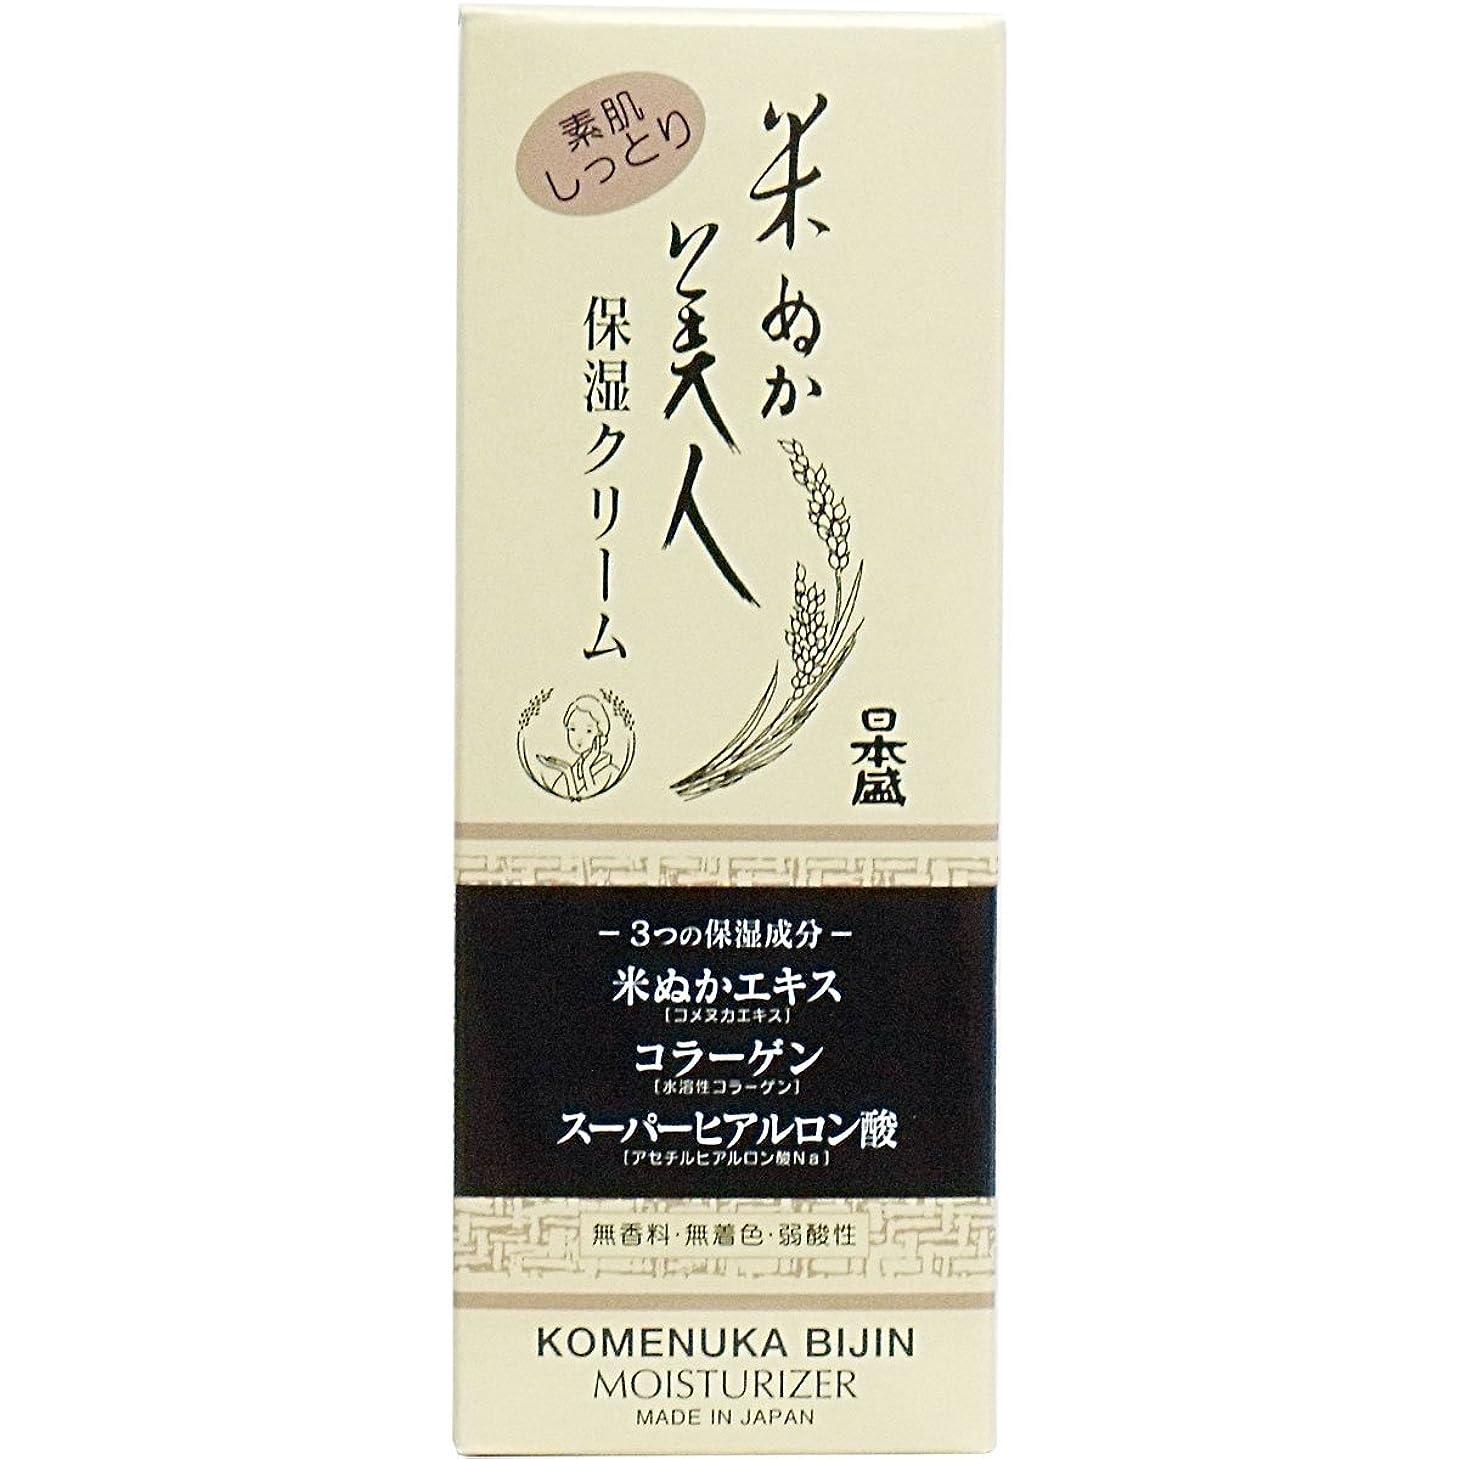 ディベートギャロップ方程式米ぬか美人 保湿クリーム ×2セット